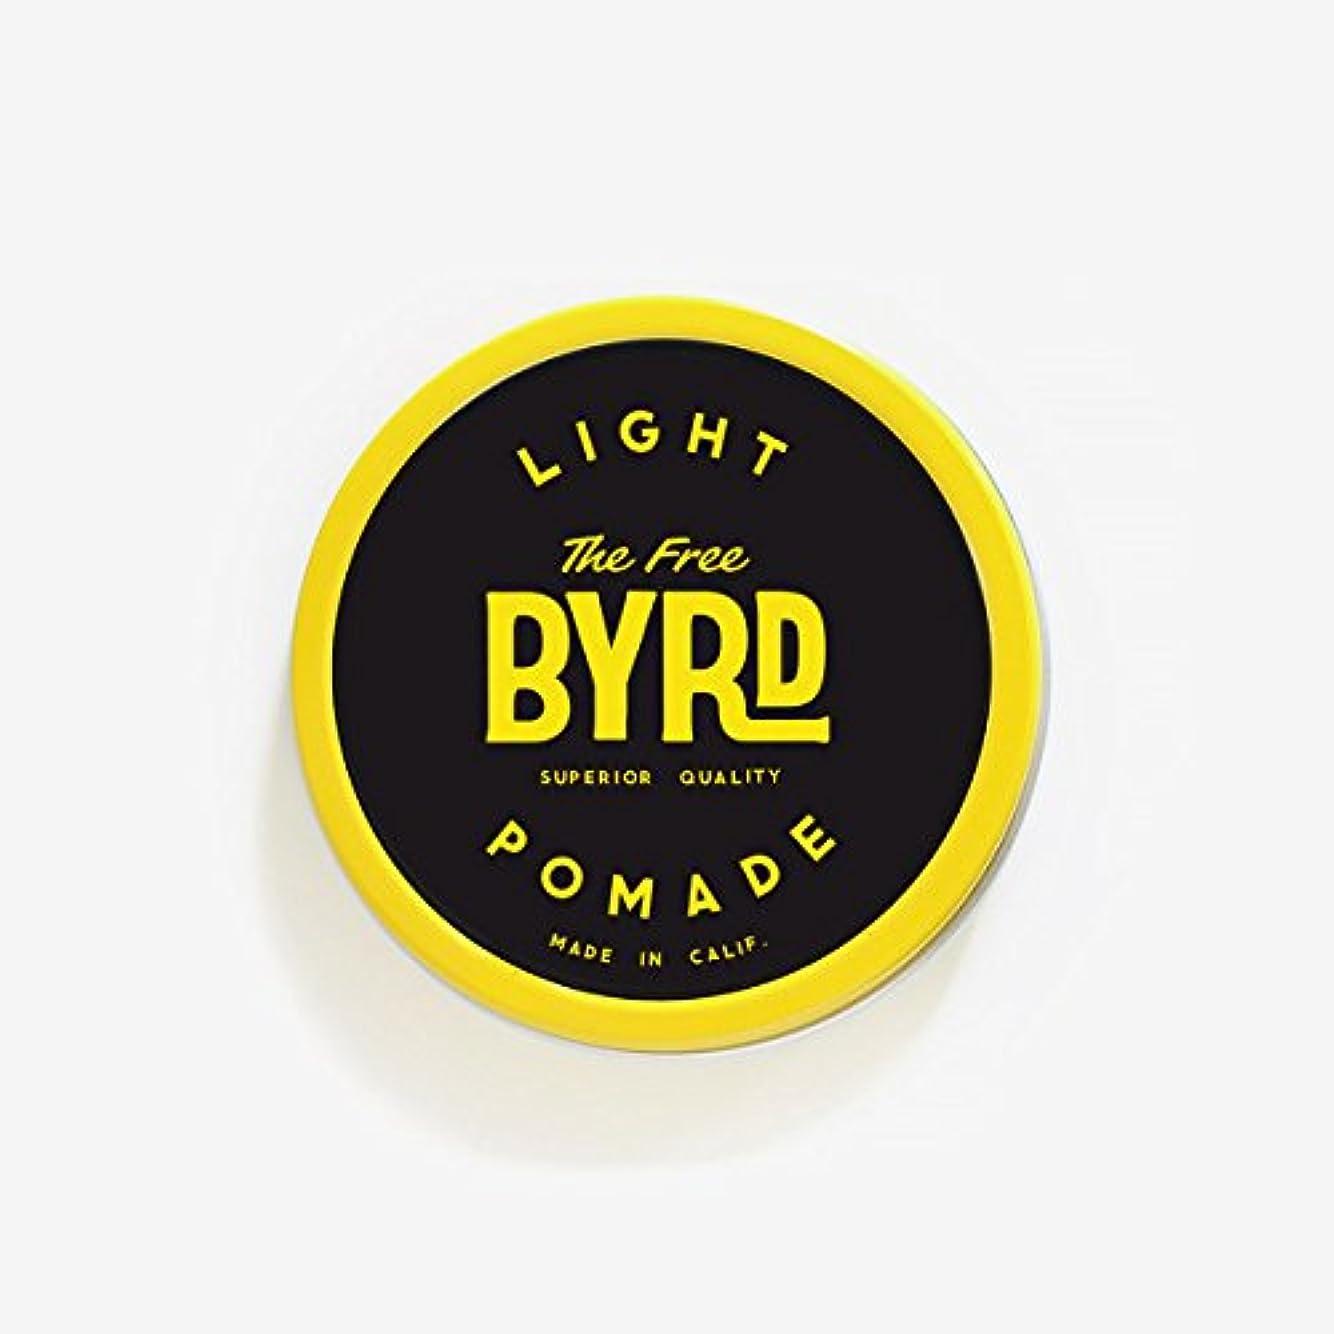 表現柱小康バード(BYRD) カリフォルニア発ポマード288 LIGHT POMADE SMALL(スモールサイズ)ライトスタイルヘアワックスヘアスタイリング剤耐水性香料メンズ/レディース 【LIGHT】SMALL